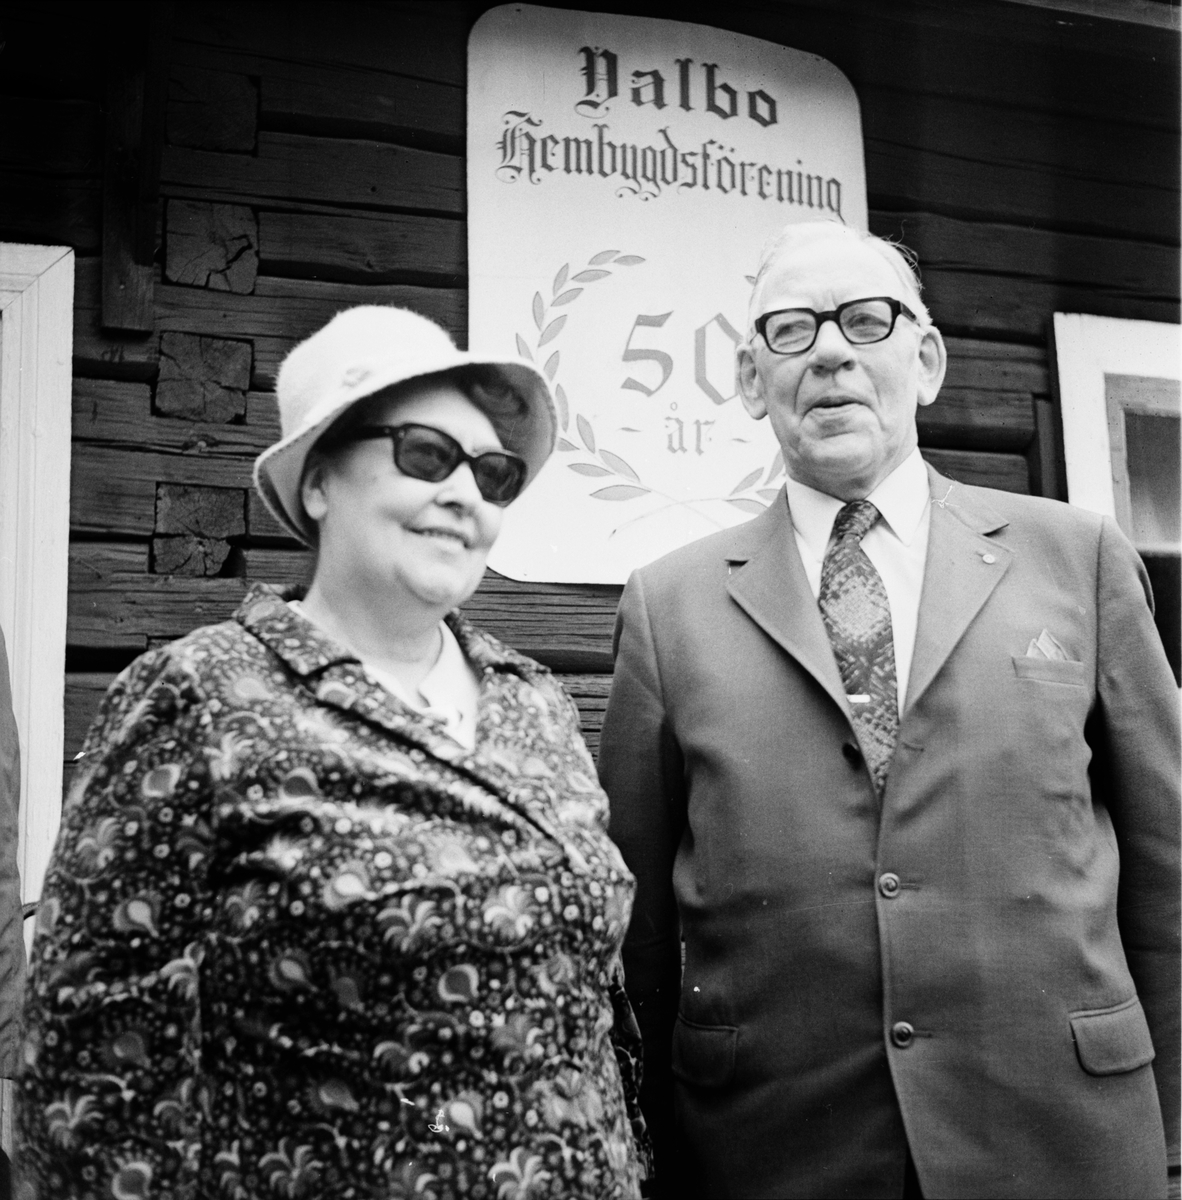 Hembygdsförbundets årsmöte i Valbo Juni 1972